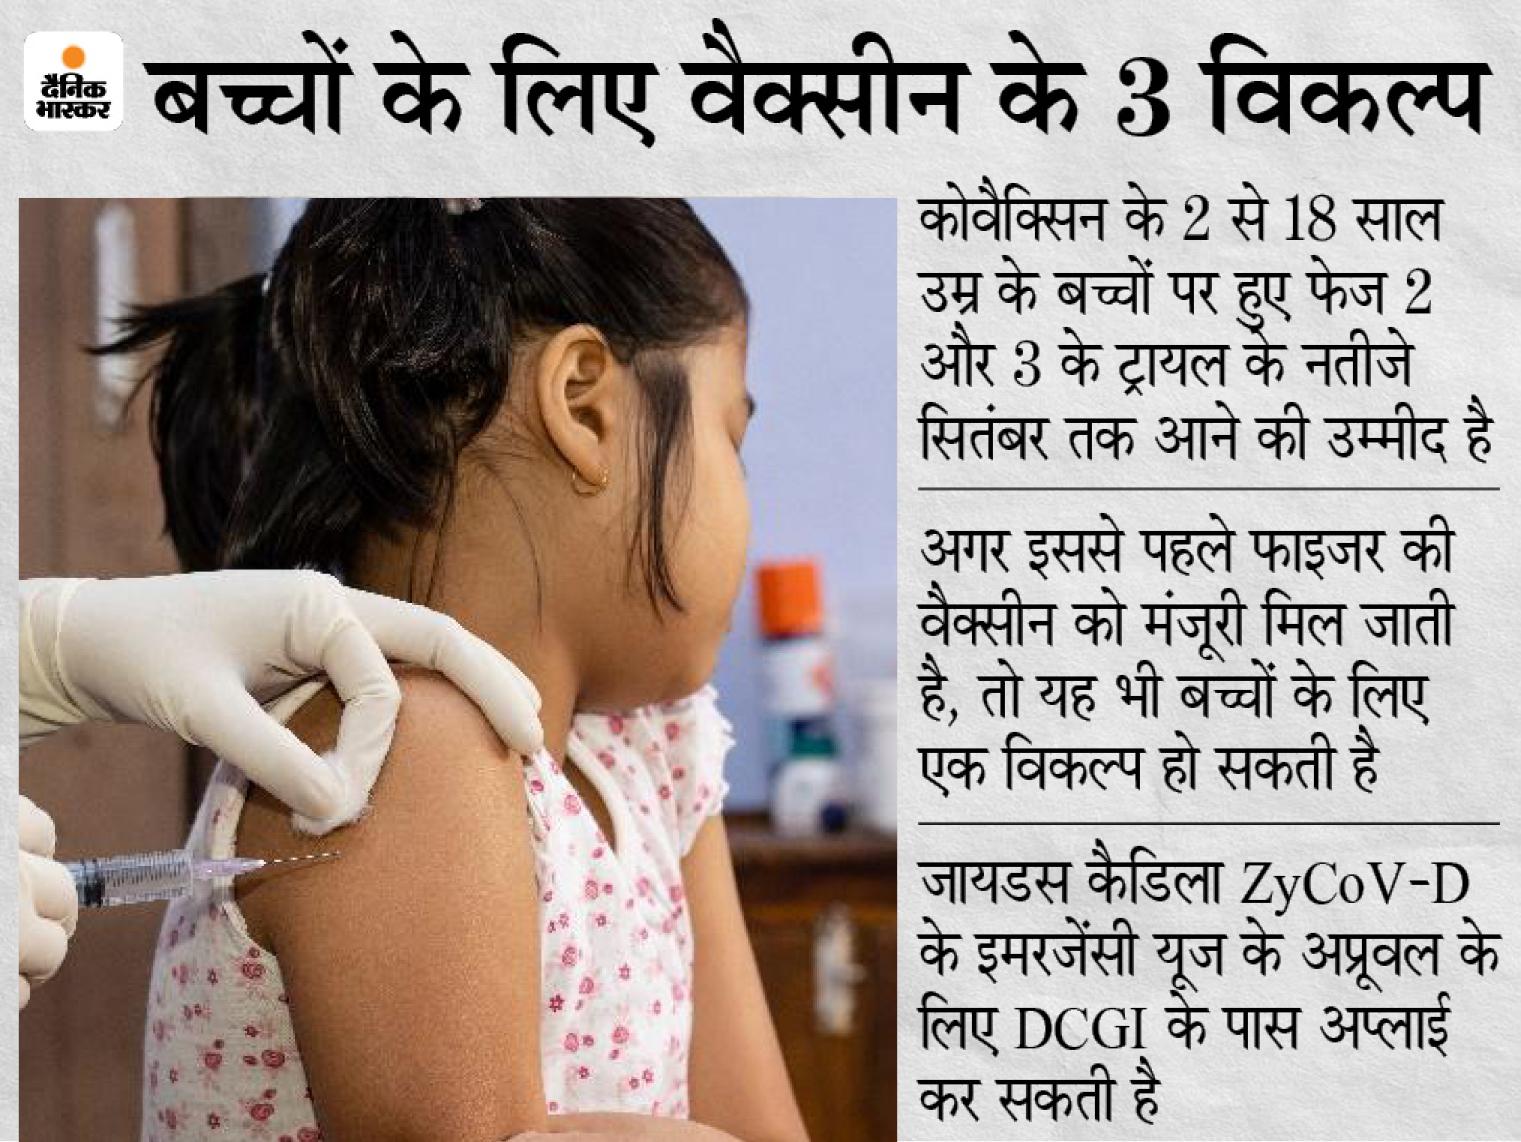 6 से 12 साल के बच्चों को कोवैक्सिन का दूसरा डोज लगा, 2 से 6 साल वालों को अगले हफ्ते लगेगा|देश,National - Dainik Bhaskar